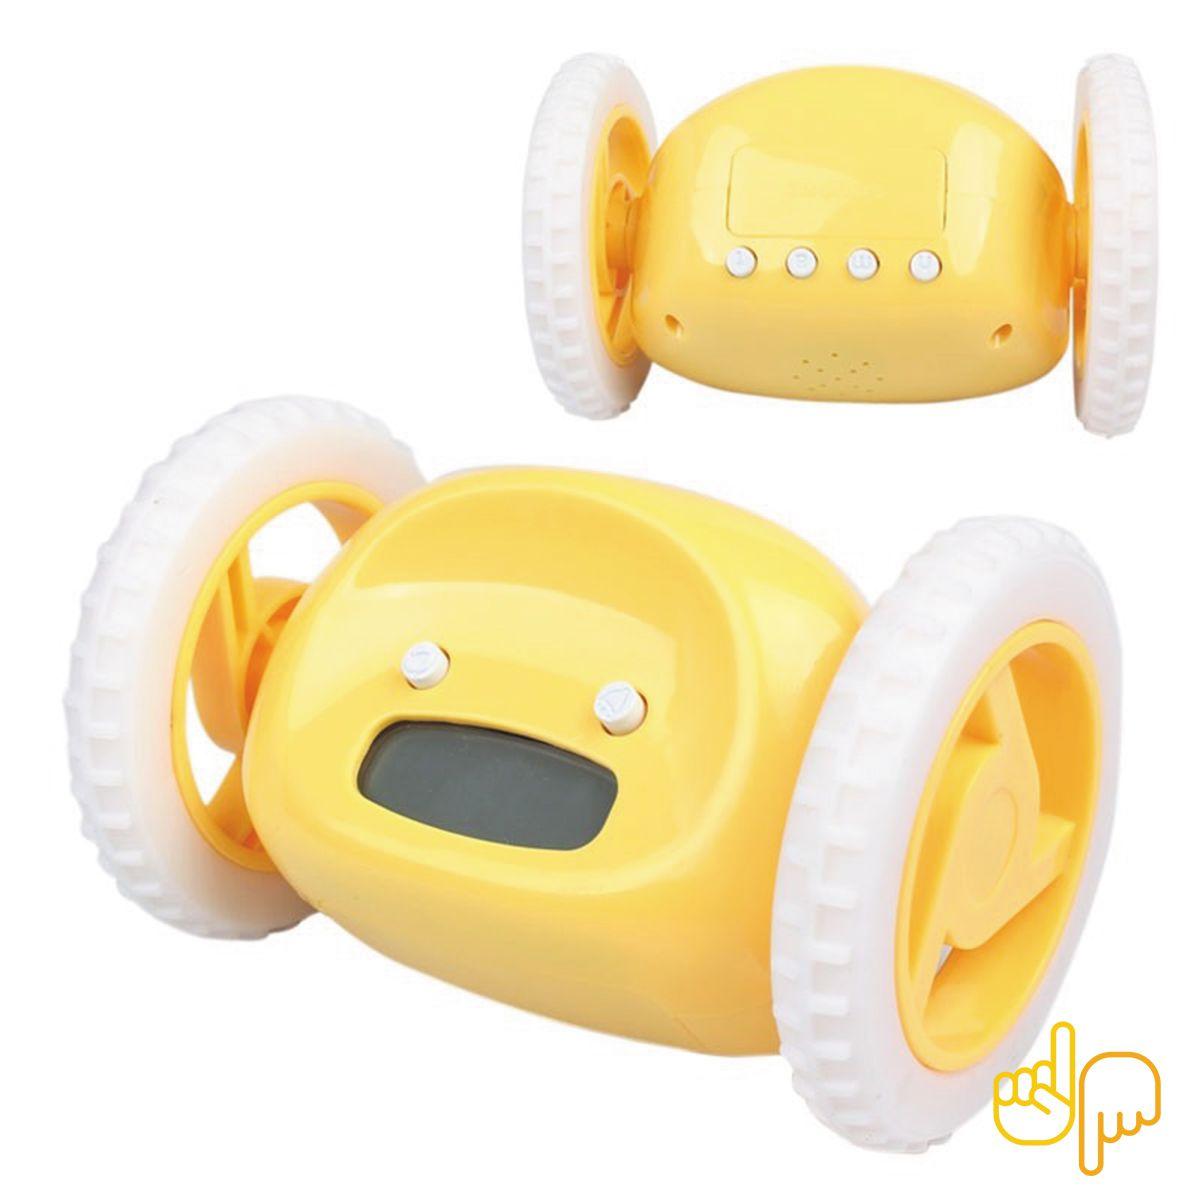 Relógio Fugitivo Despertador Que Corre de você - Amarelo